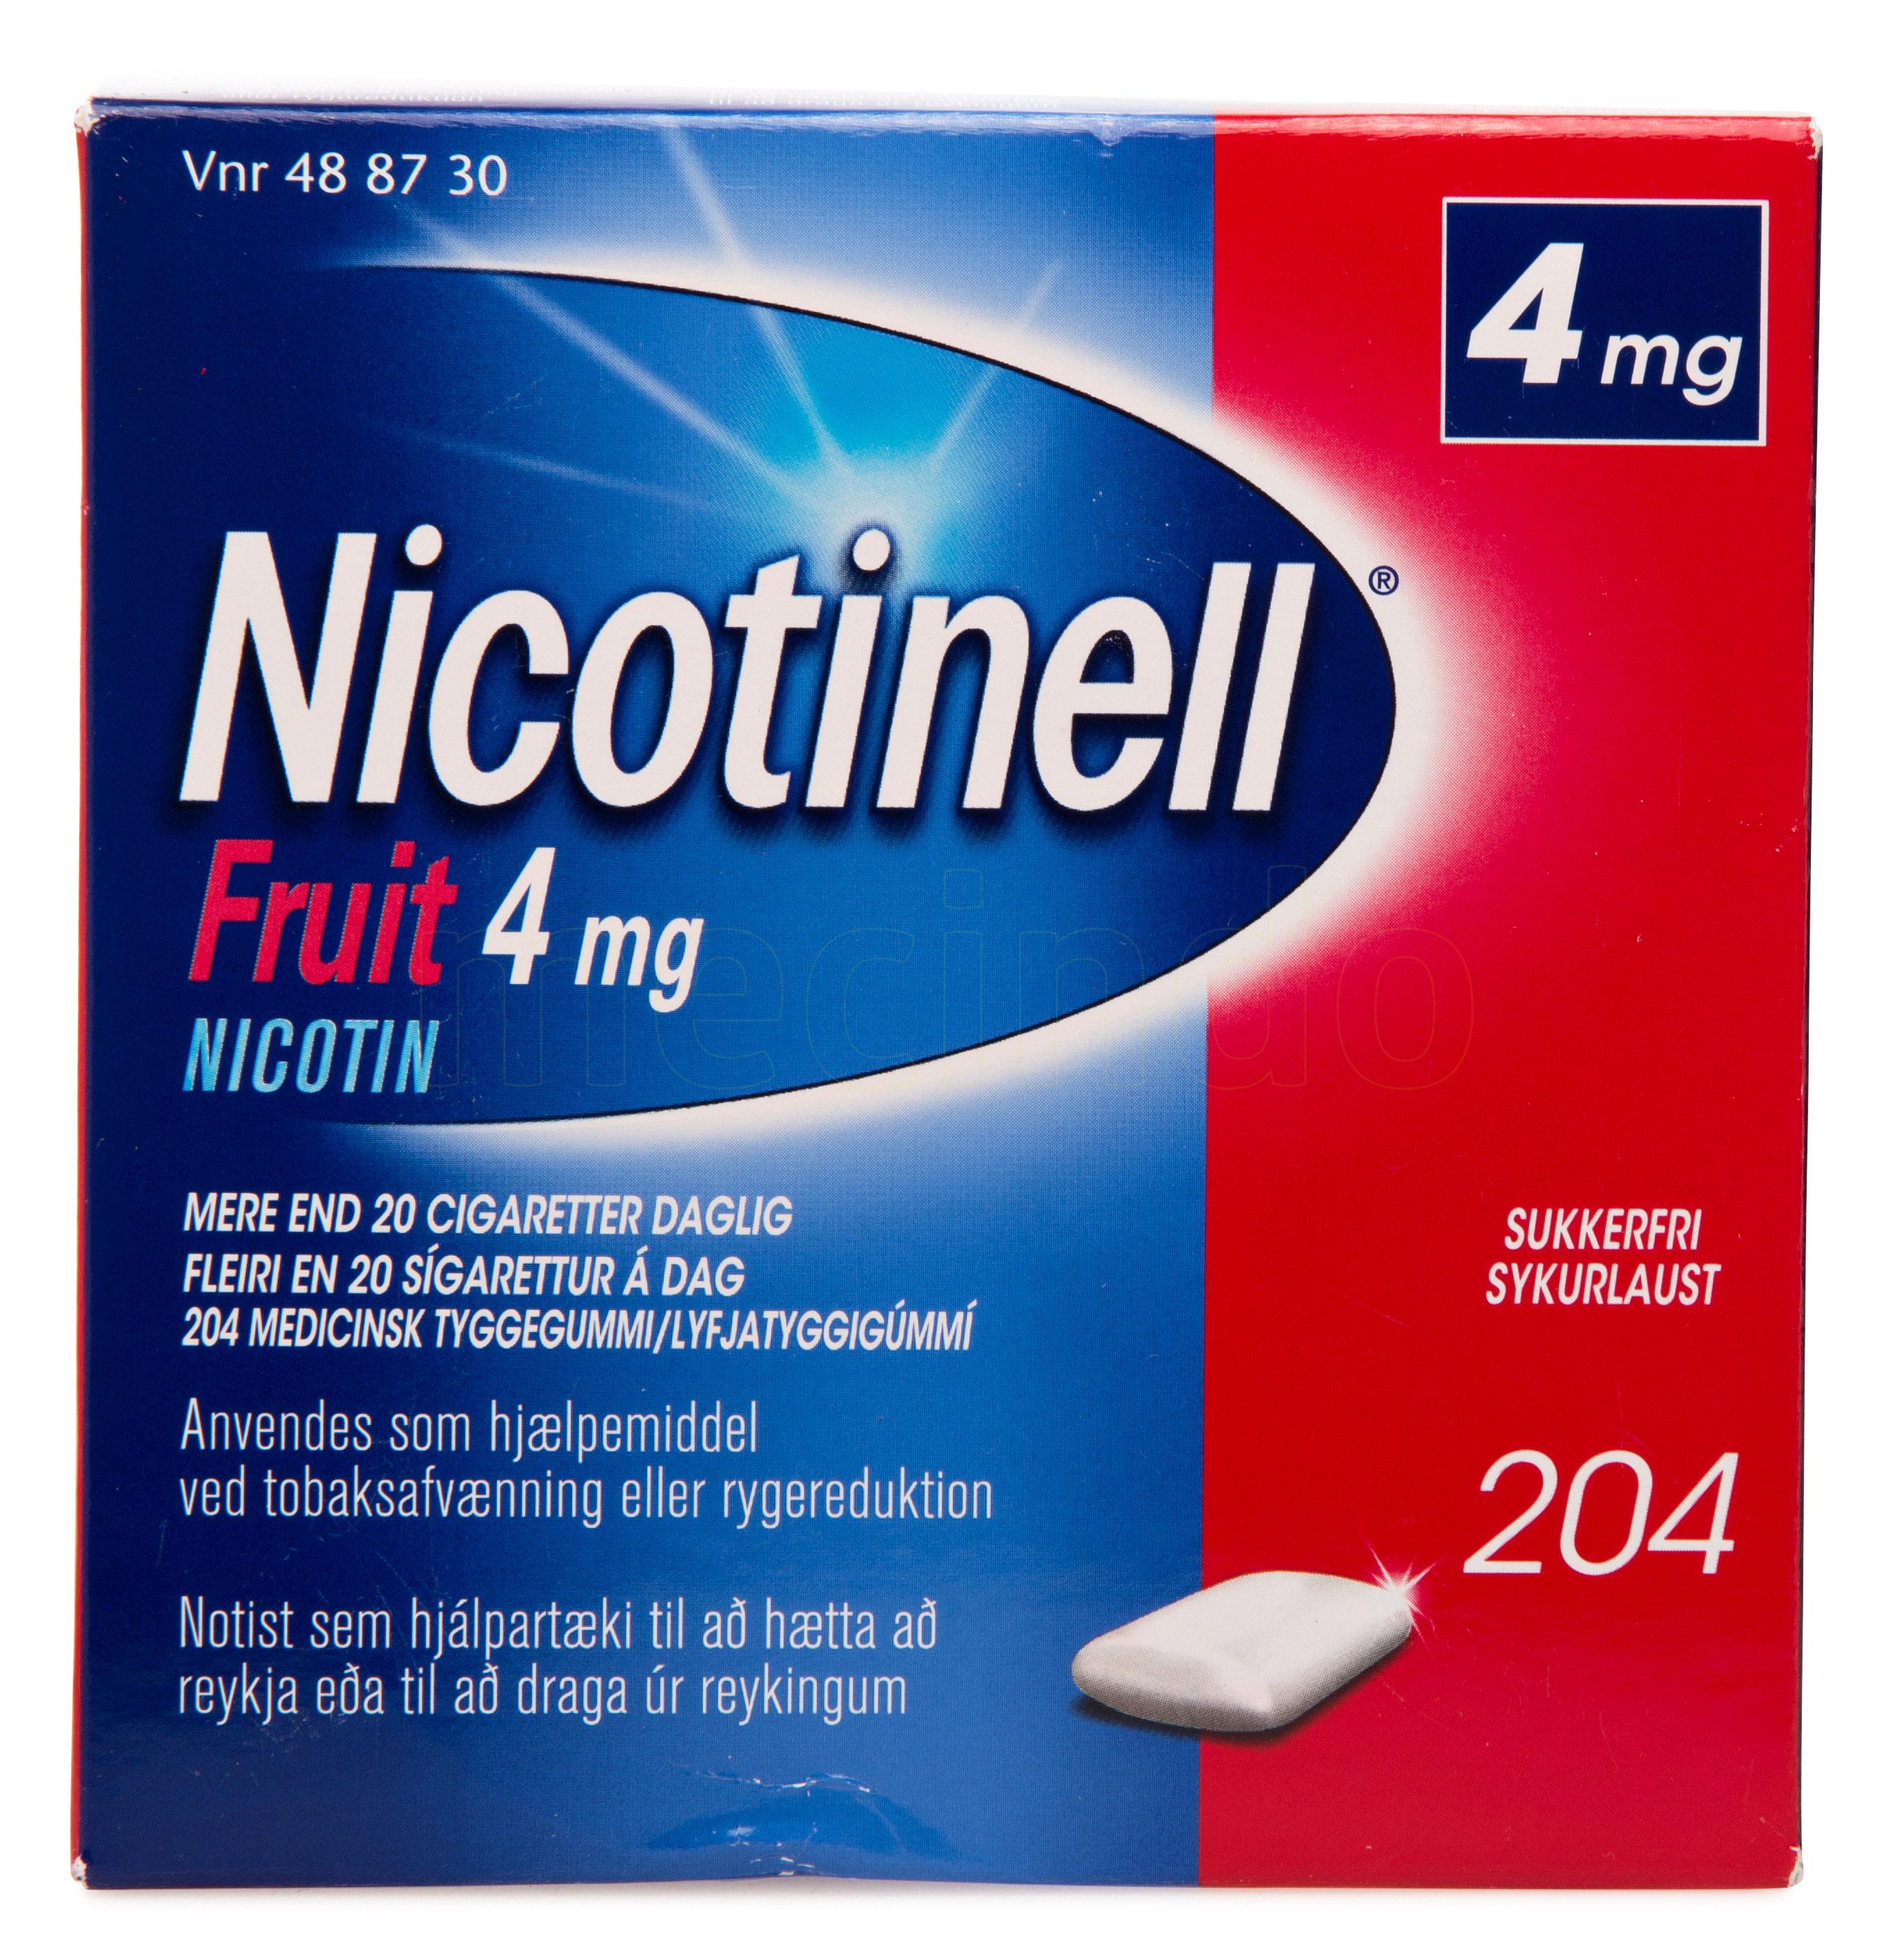 Billede af Nicotinell Fruit - 4 mg - 204 Stk.